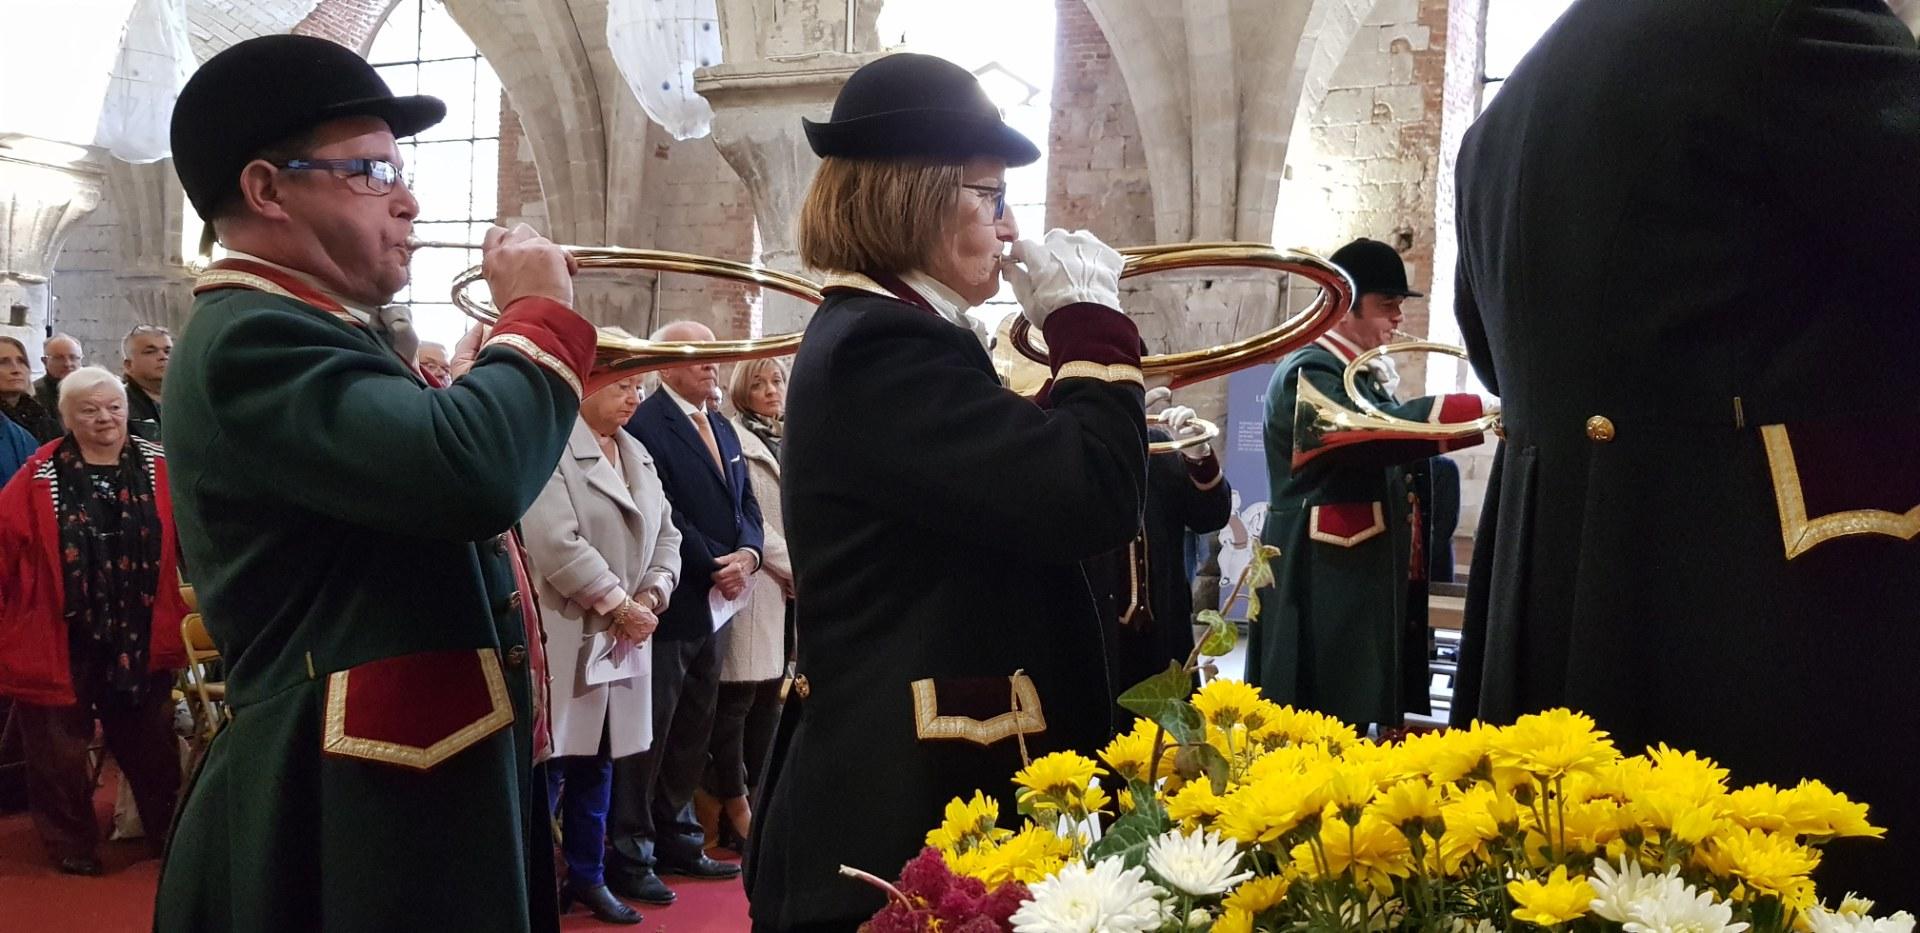 St-Hubert-Vaucelles-2018 2